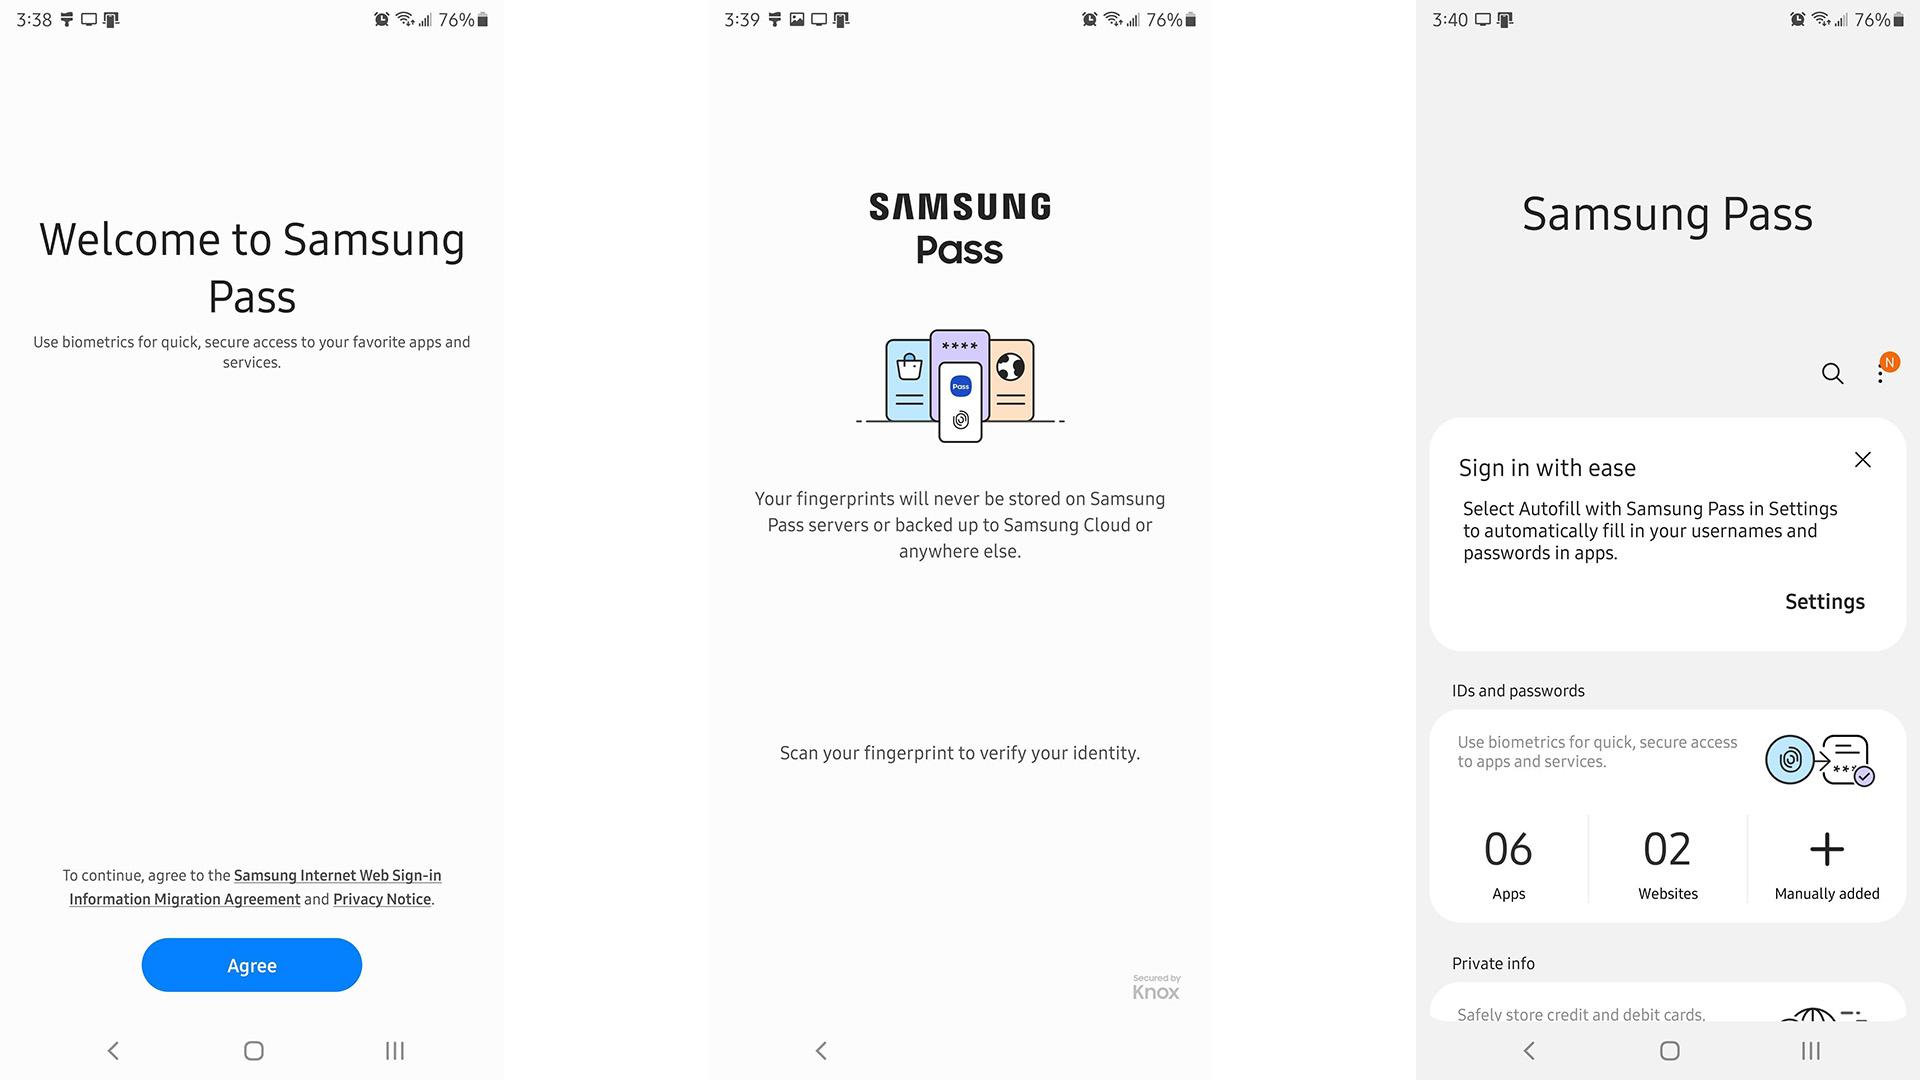 Samsung Pass screenshot 2021